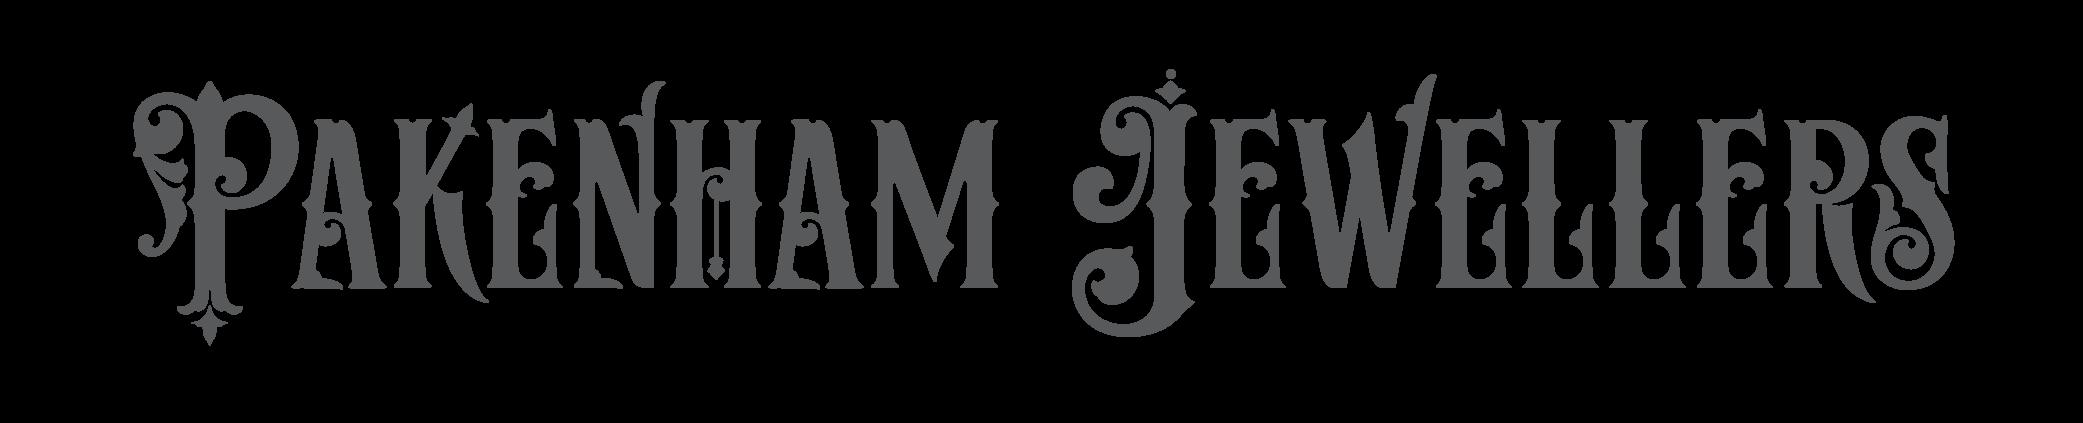 Pakenham Jewellers